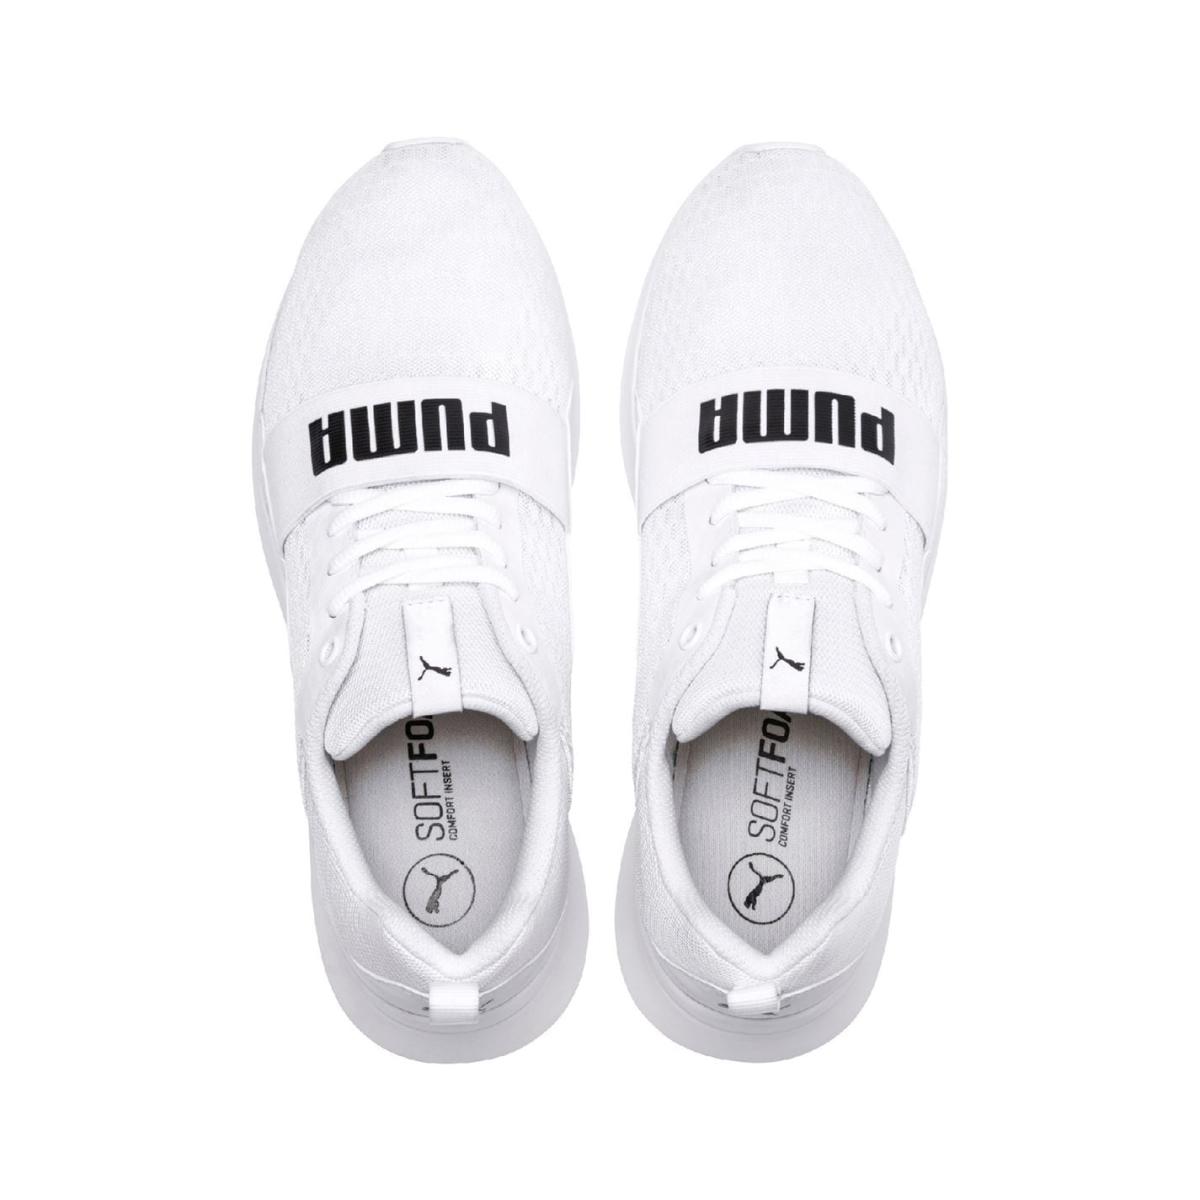 Puma-Wired-senores-zapatillas-de-deporte-zapatillas-para-correr-cortos-calzado-deportivo-fitness miniatura 22